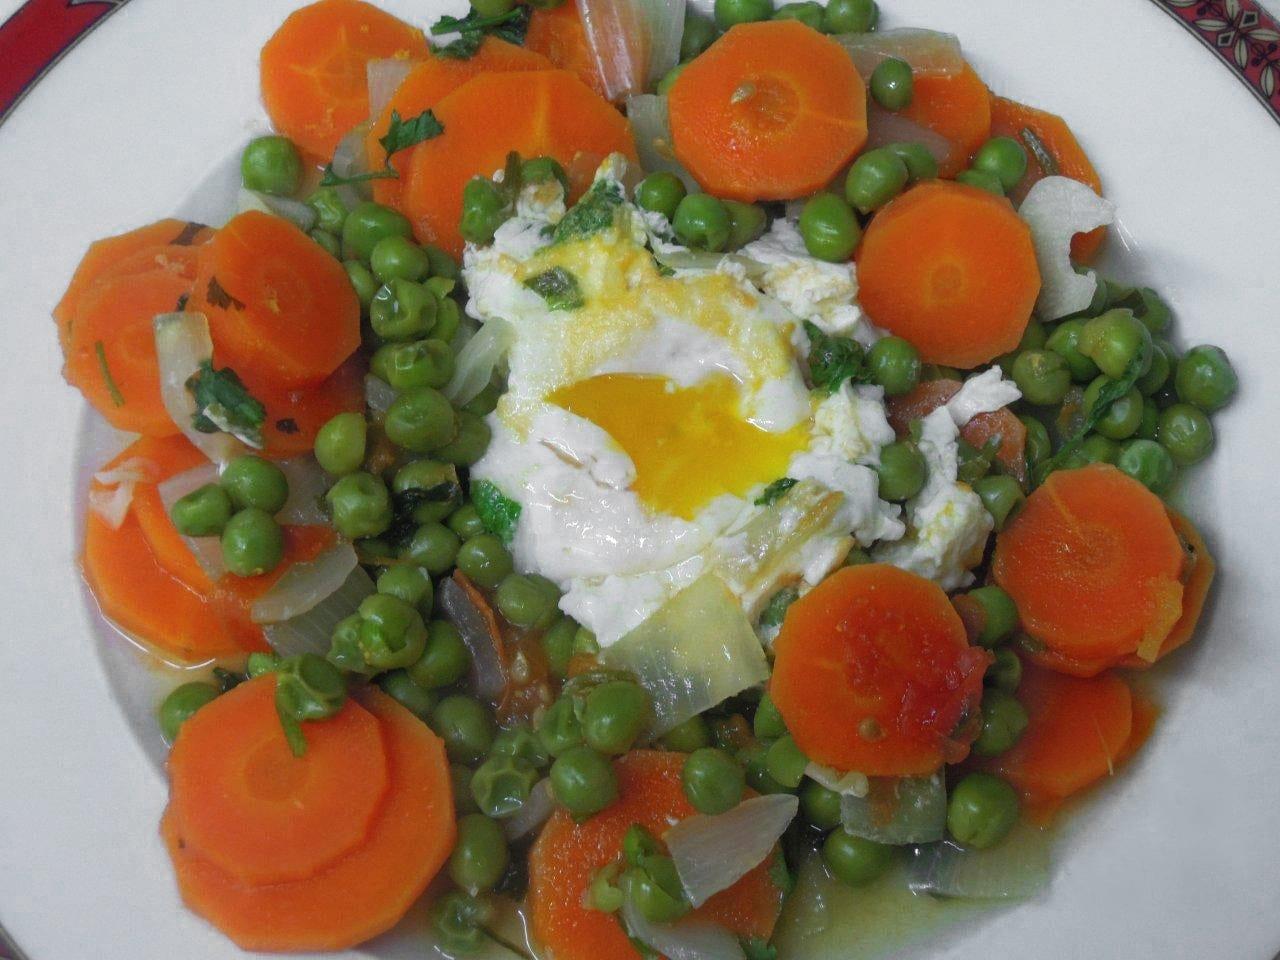 ervilhas com ovos light, as dietas à minha maneira - Ervilhas com ovos light, as dietas à minha maneira